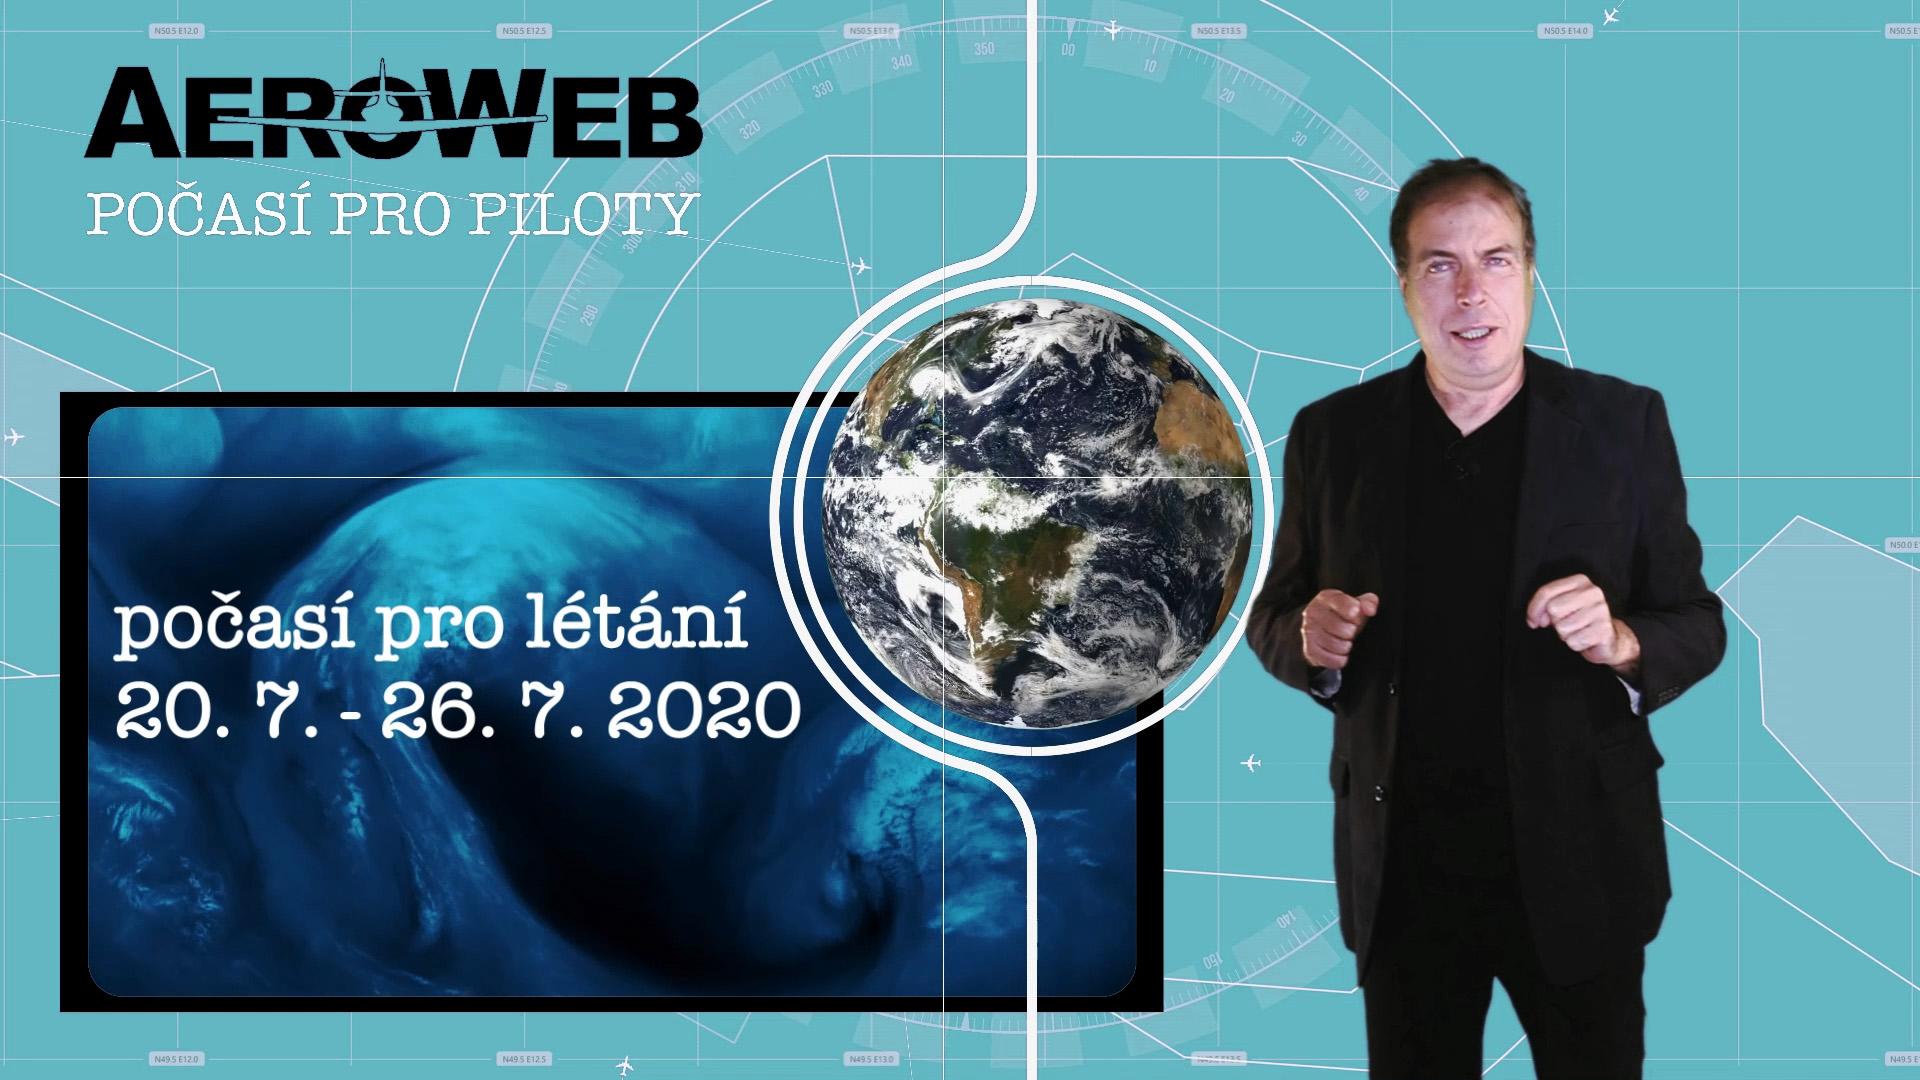 Videopředpověď počasí pro piloty každý týden na Aerowebu